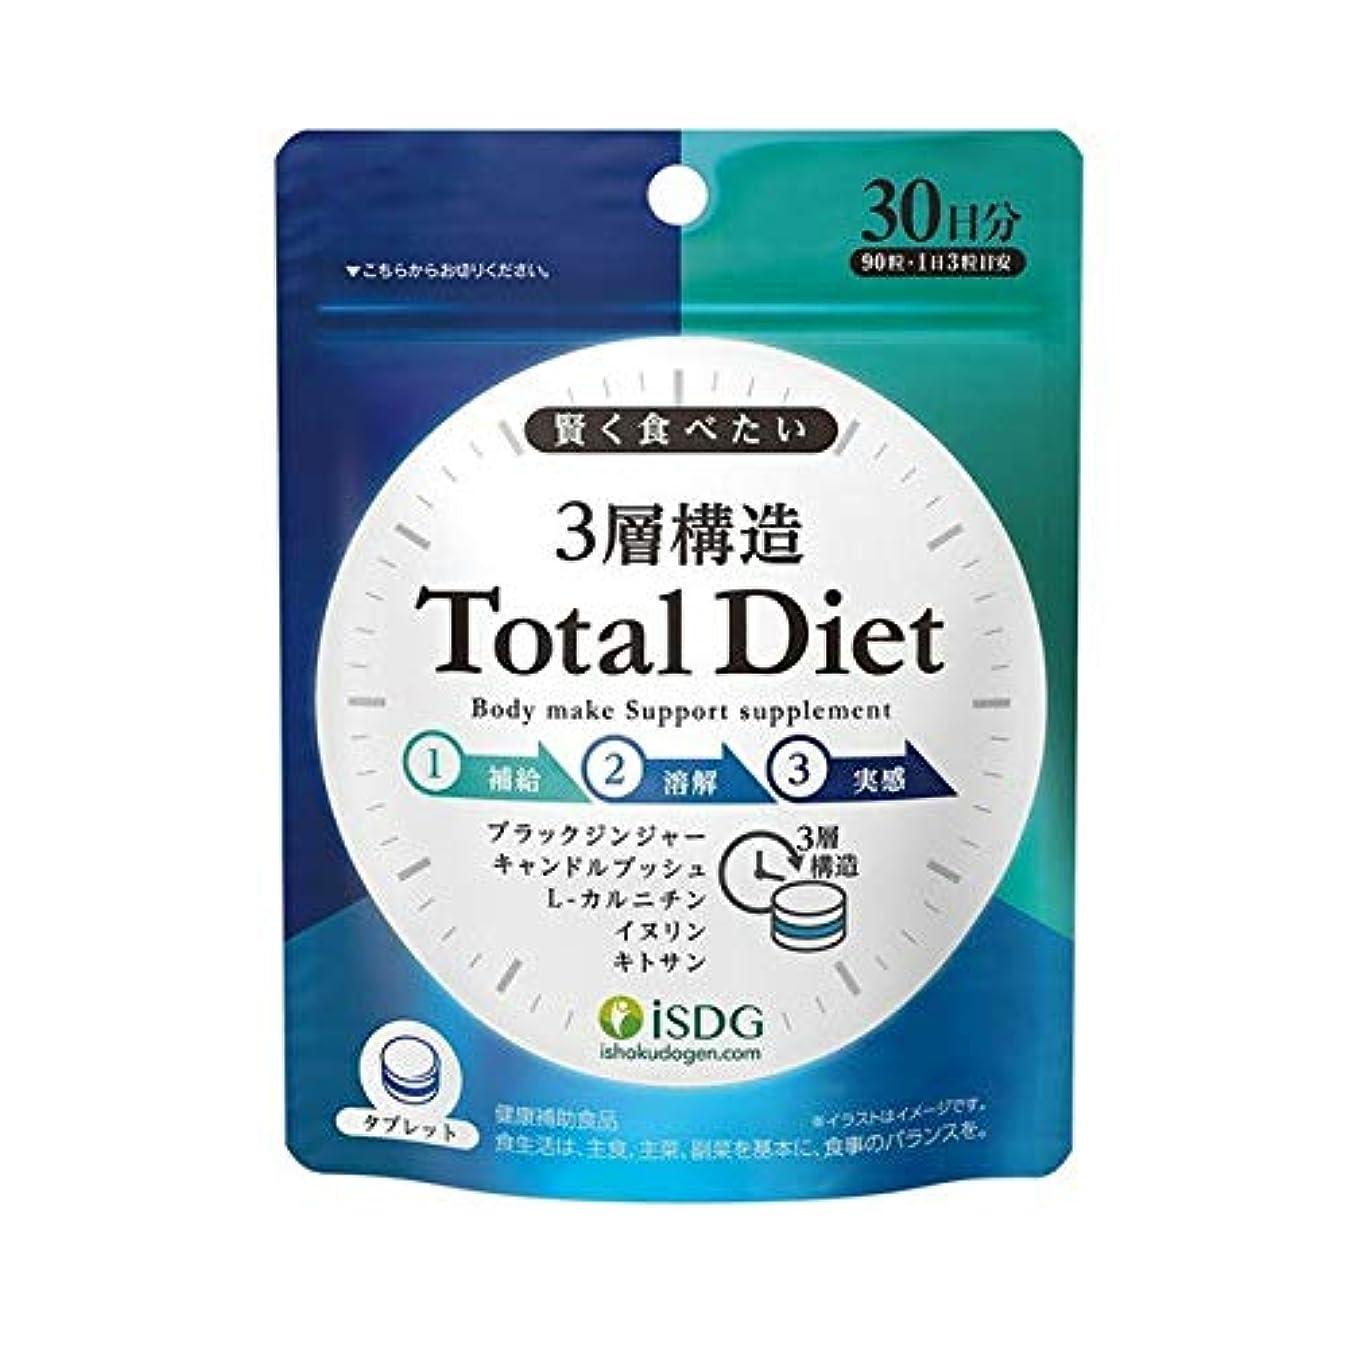 良い消防士子音医食同源ドットコム ISDG 3層構造 Total Diet 90粒入 トータル ダイエット×5個セット